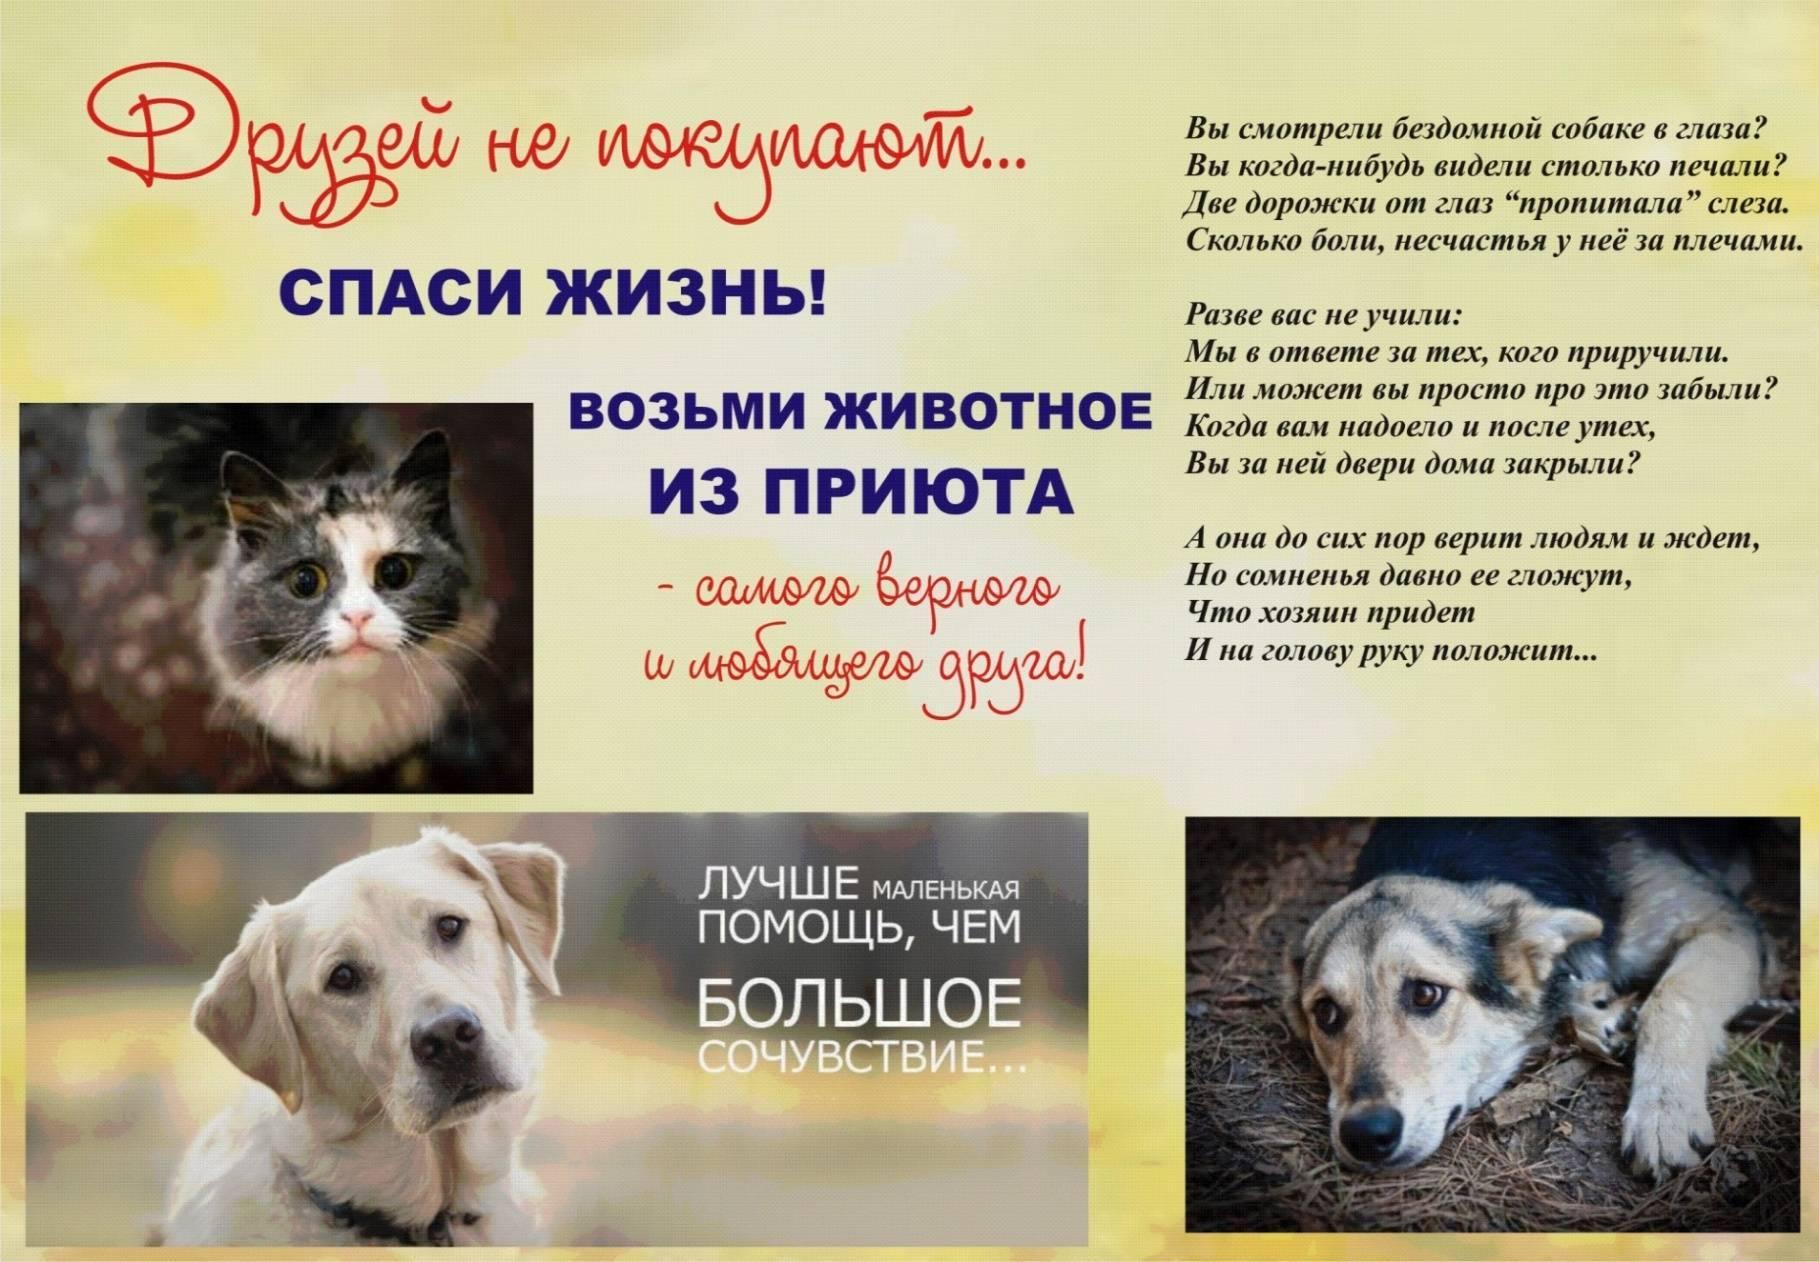 Как отдать в приют собаку в москве и московской области: обзор приютов, описание и отзывы